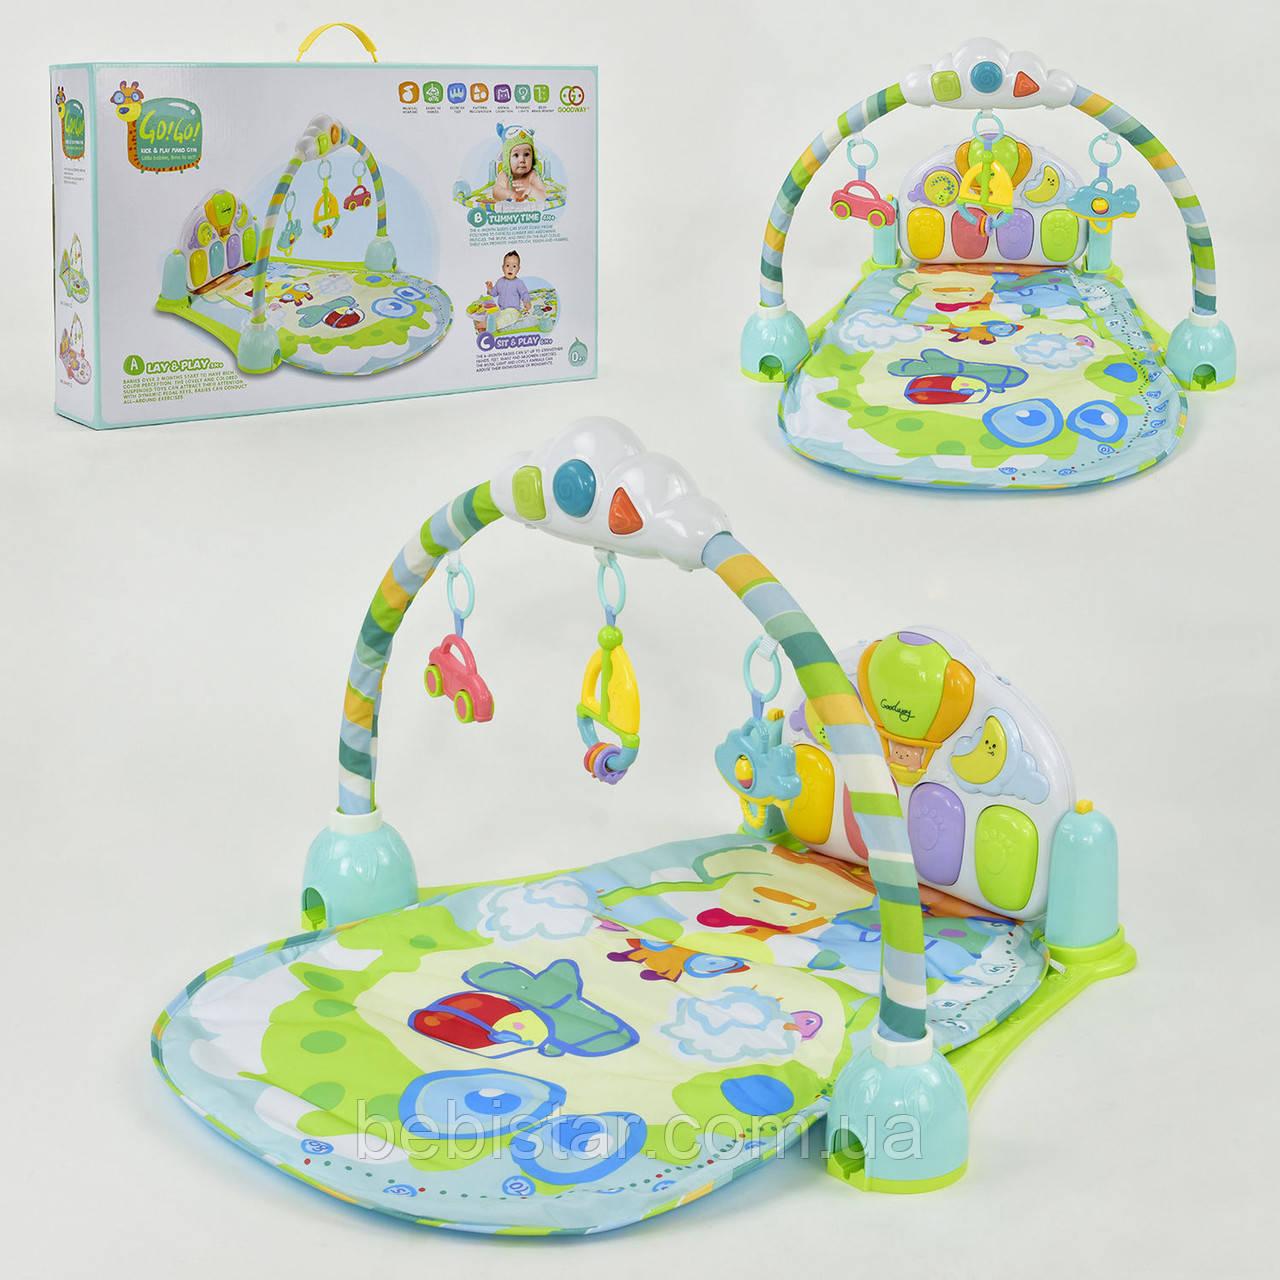 Коврик-развивашка мятный для младенцев музыкальный с погремушками